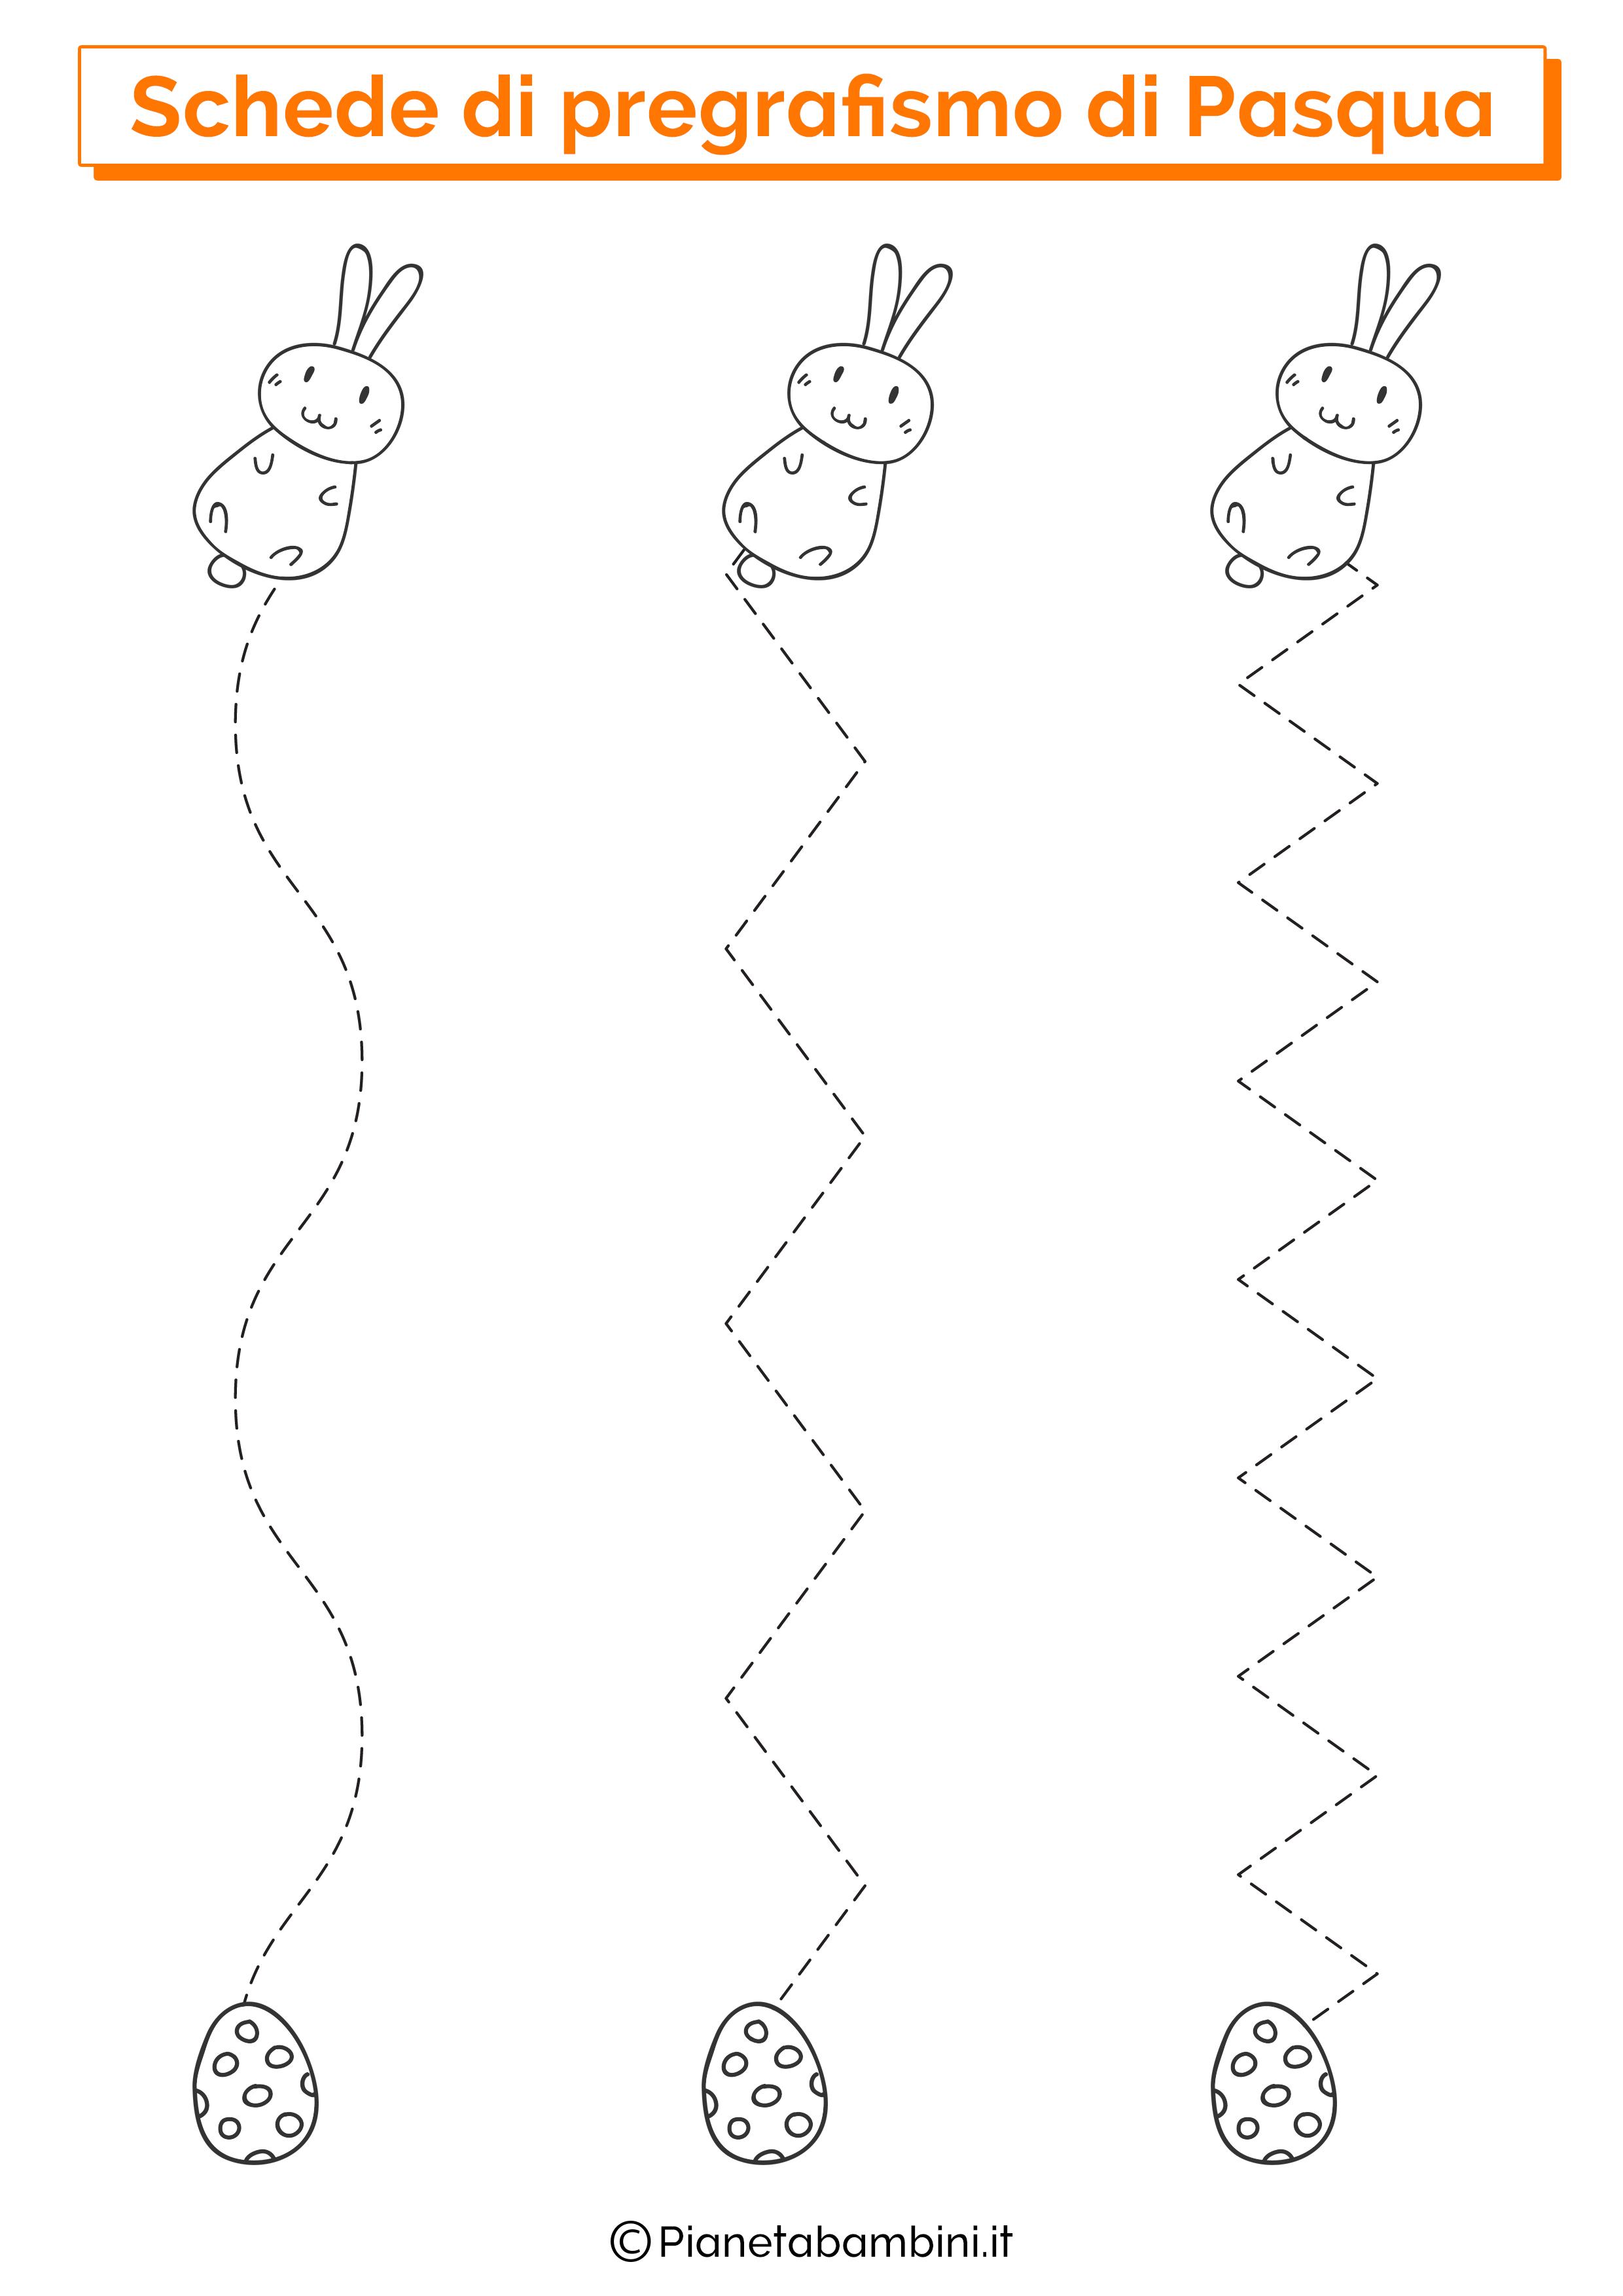 Scheda di pregrafismo di Pasqua su linee verticali 2